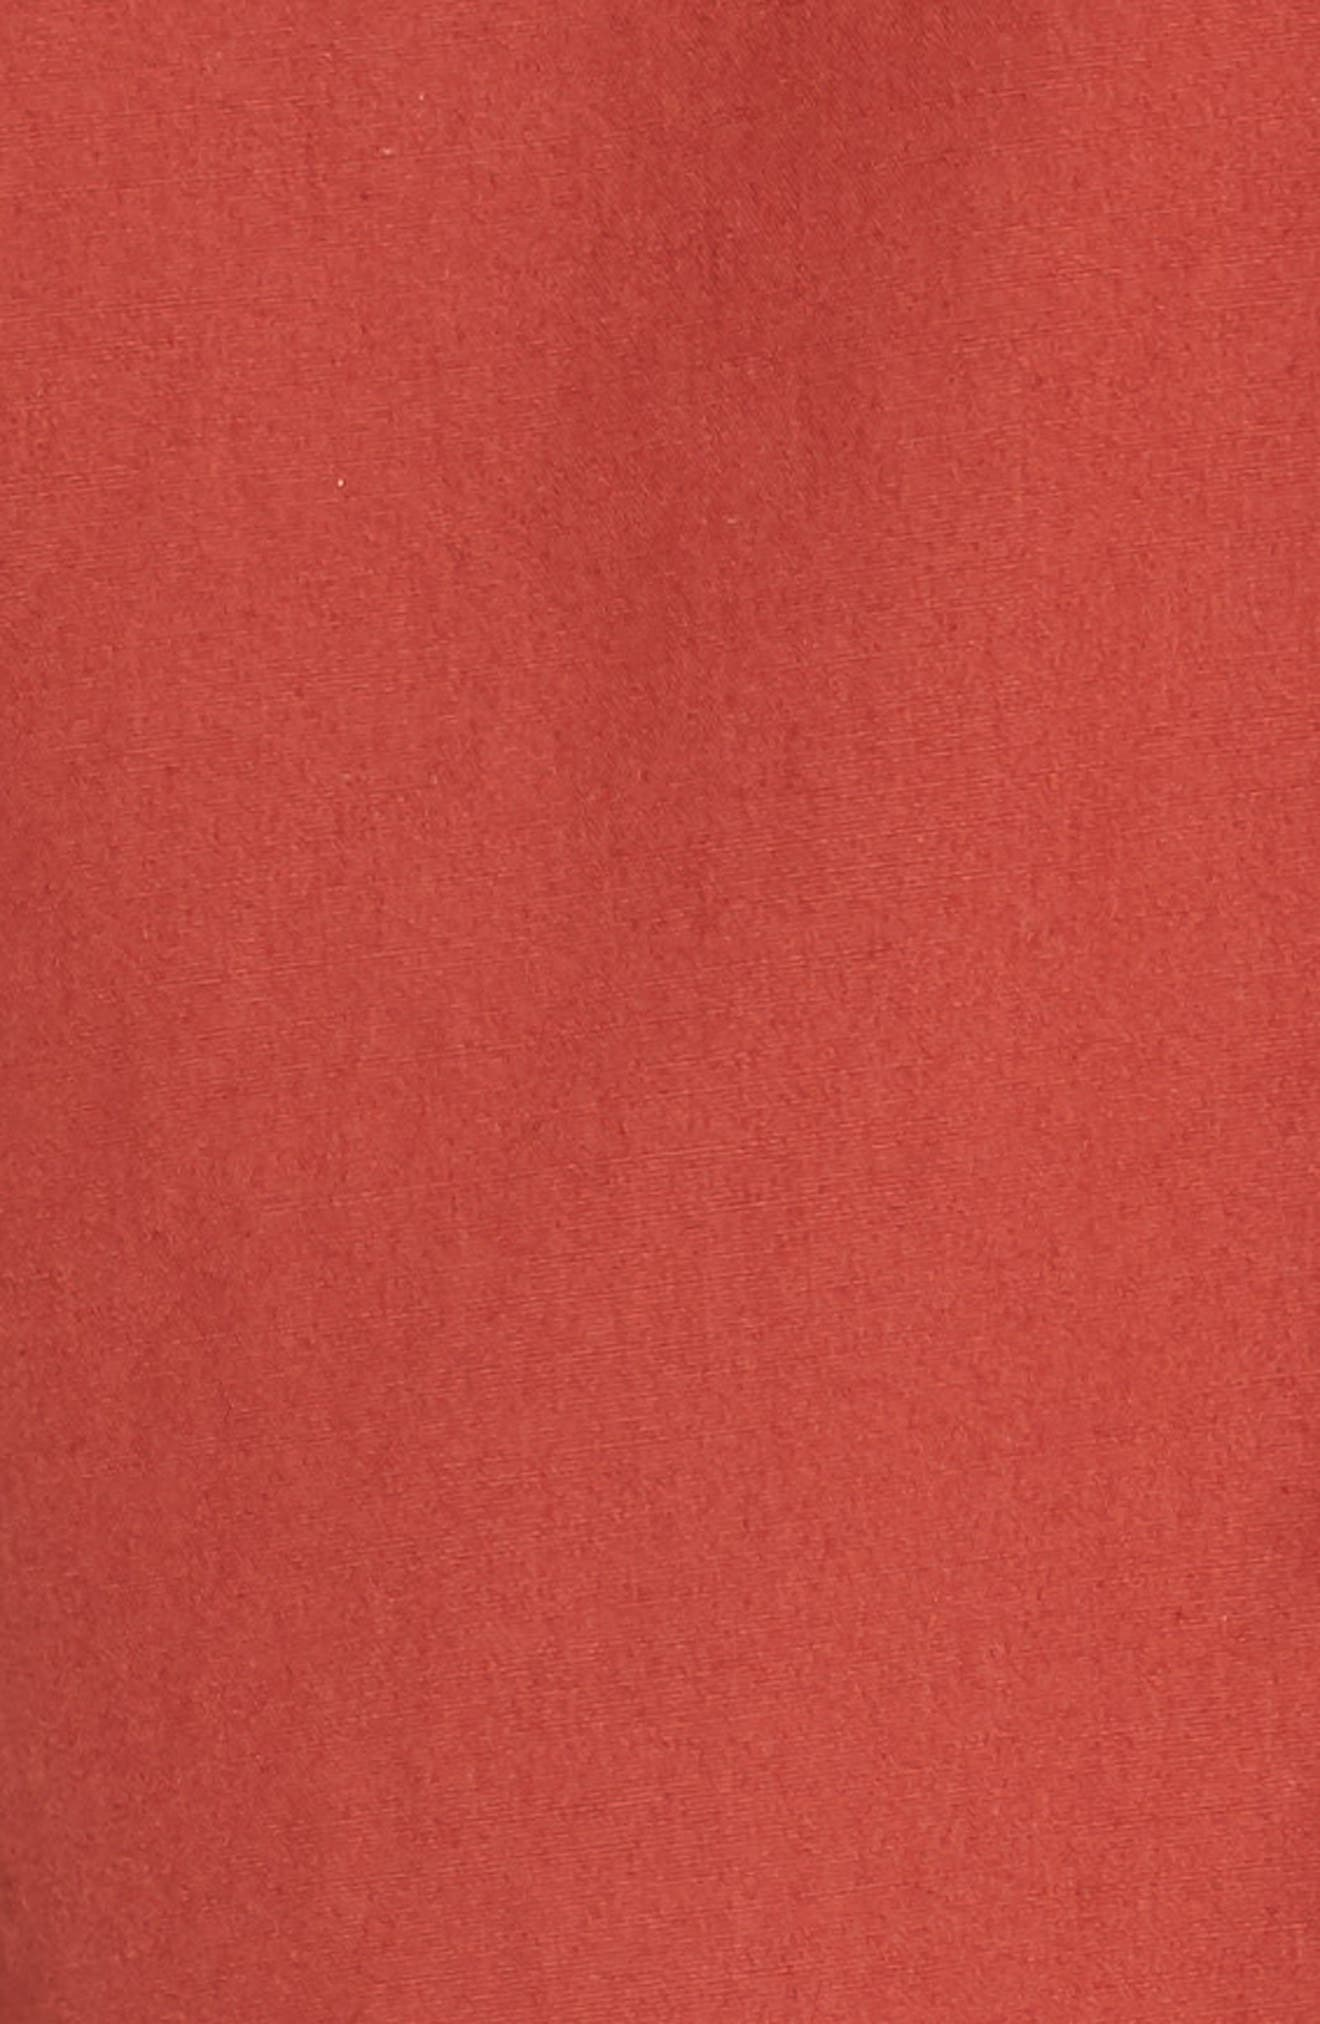 Back Cutout Cotton Utility Dress,                             Alternate thumbnail 10, color,